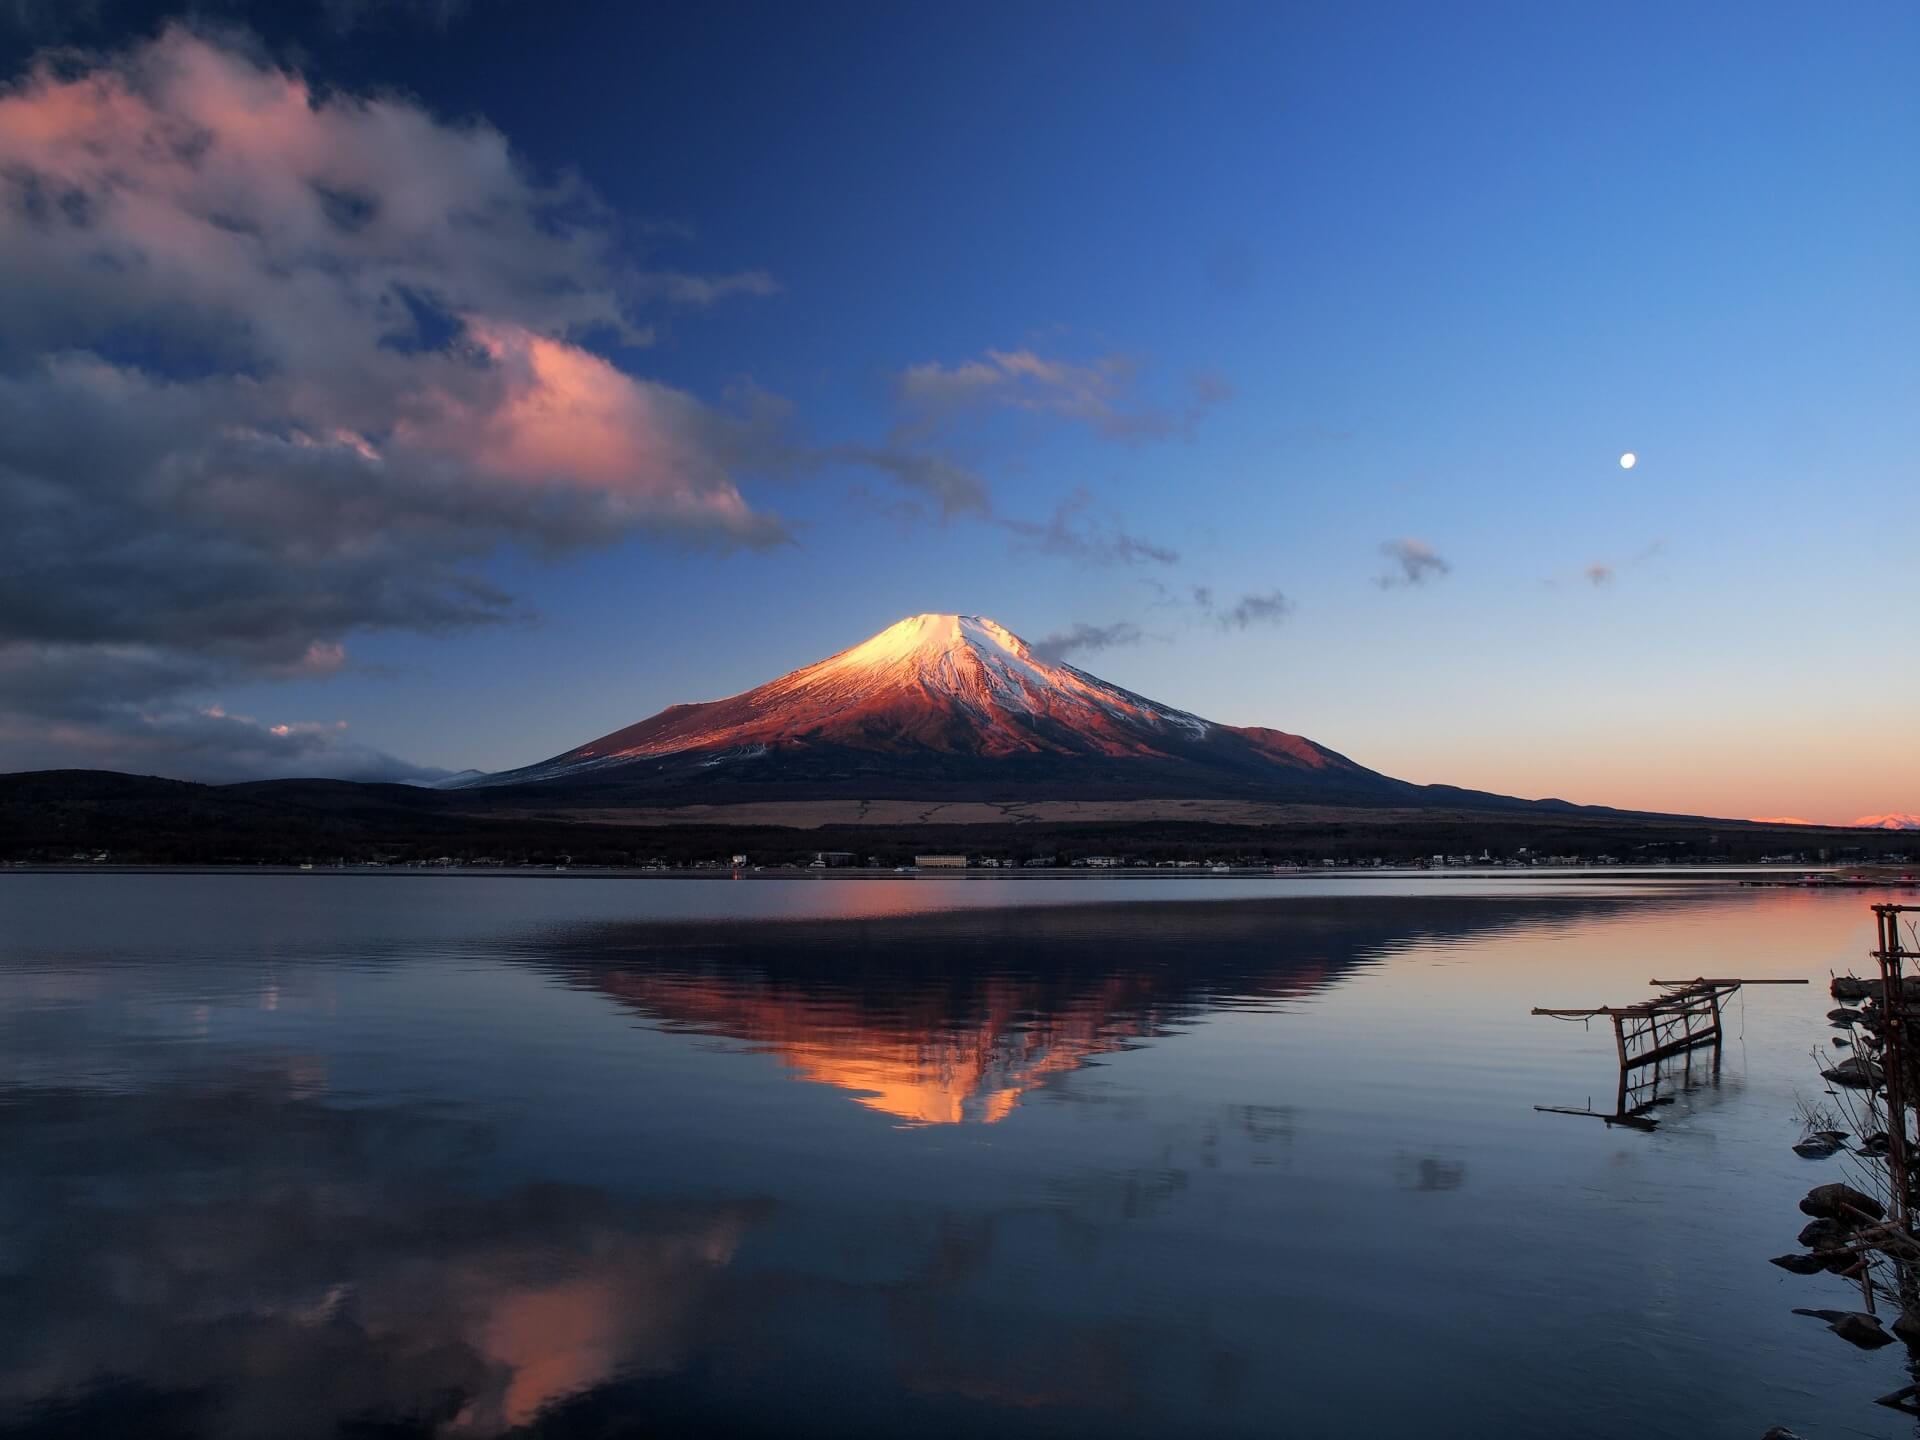 神々しく輝く富士山